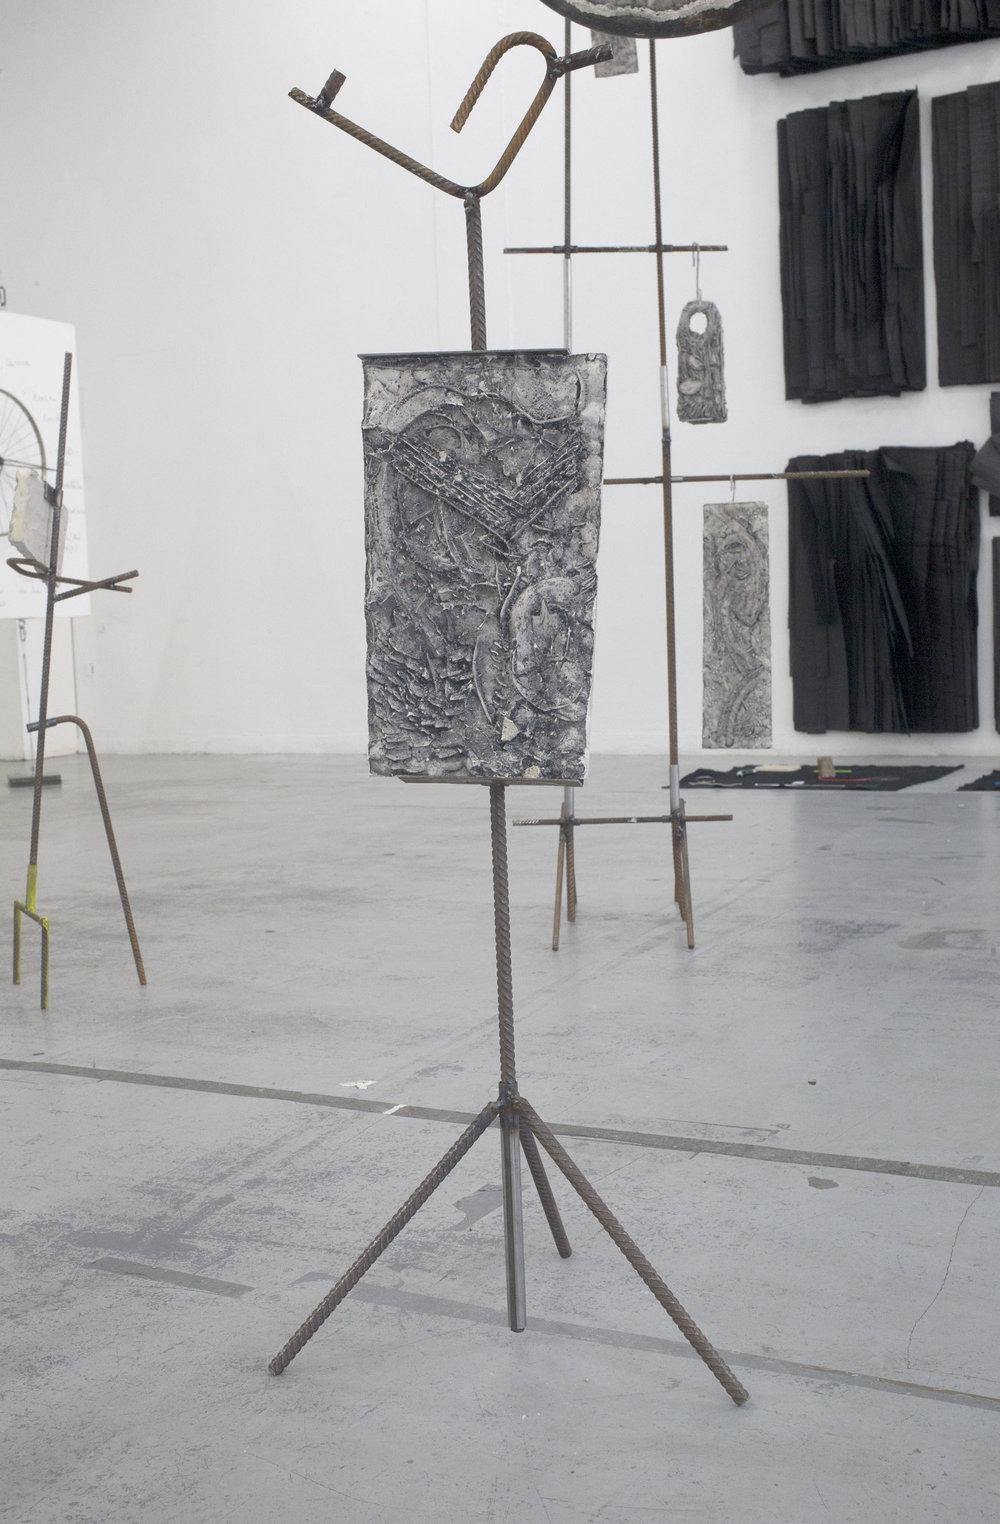 32_Quart d'heure américain - heiwata - Mains d'Oeuvres - Exhibition views.jpg